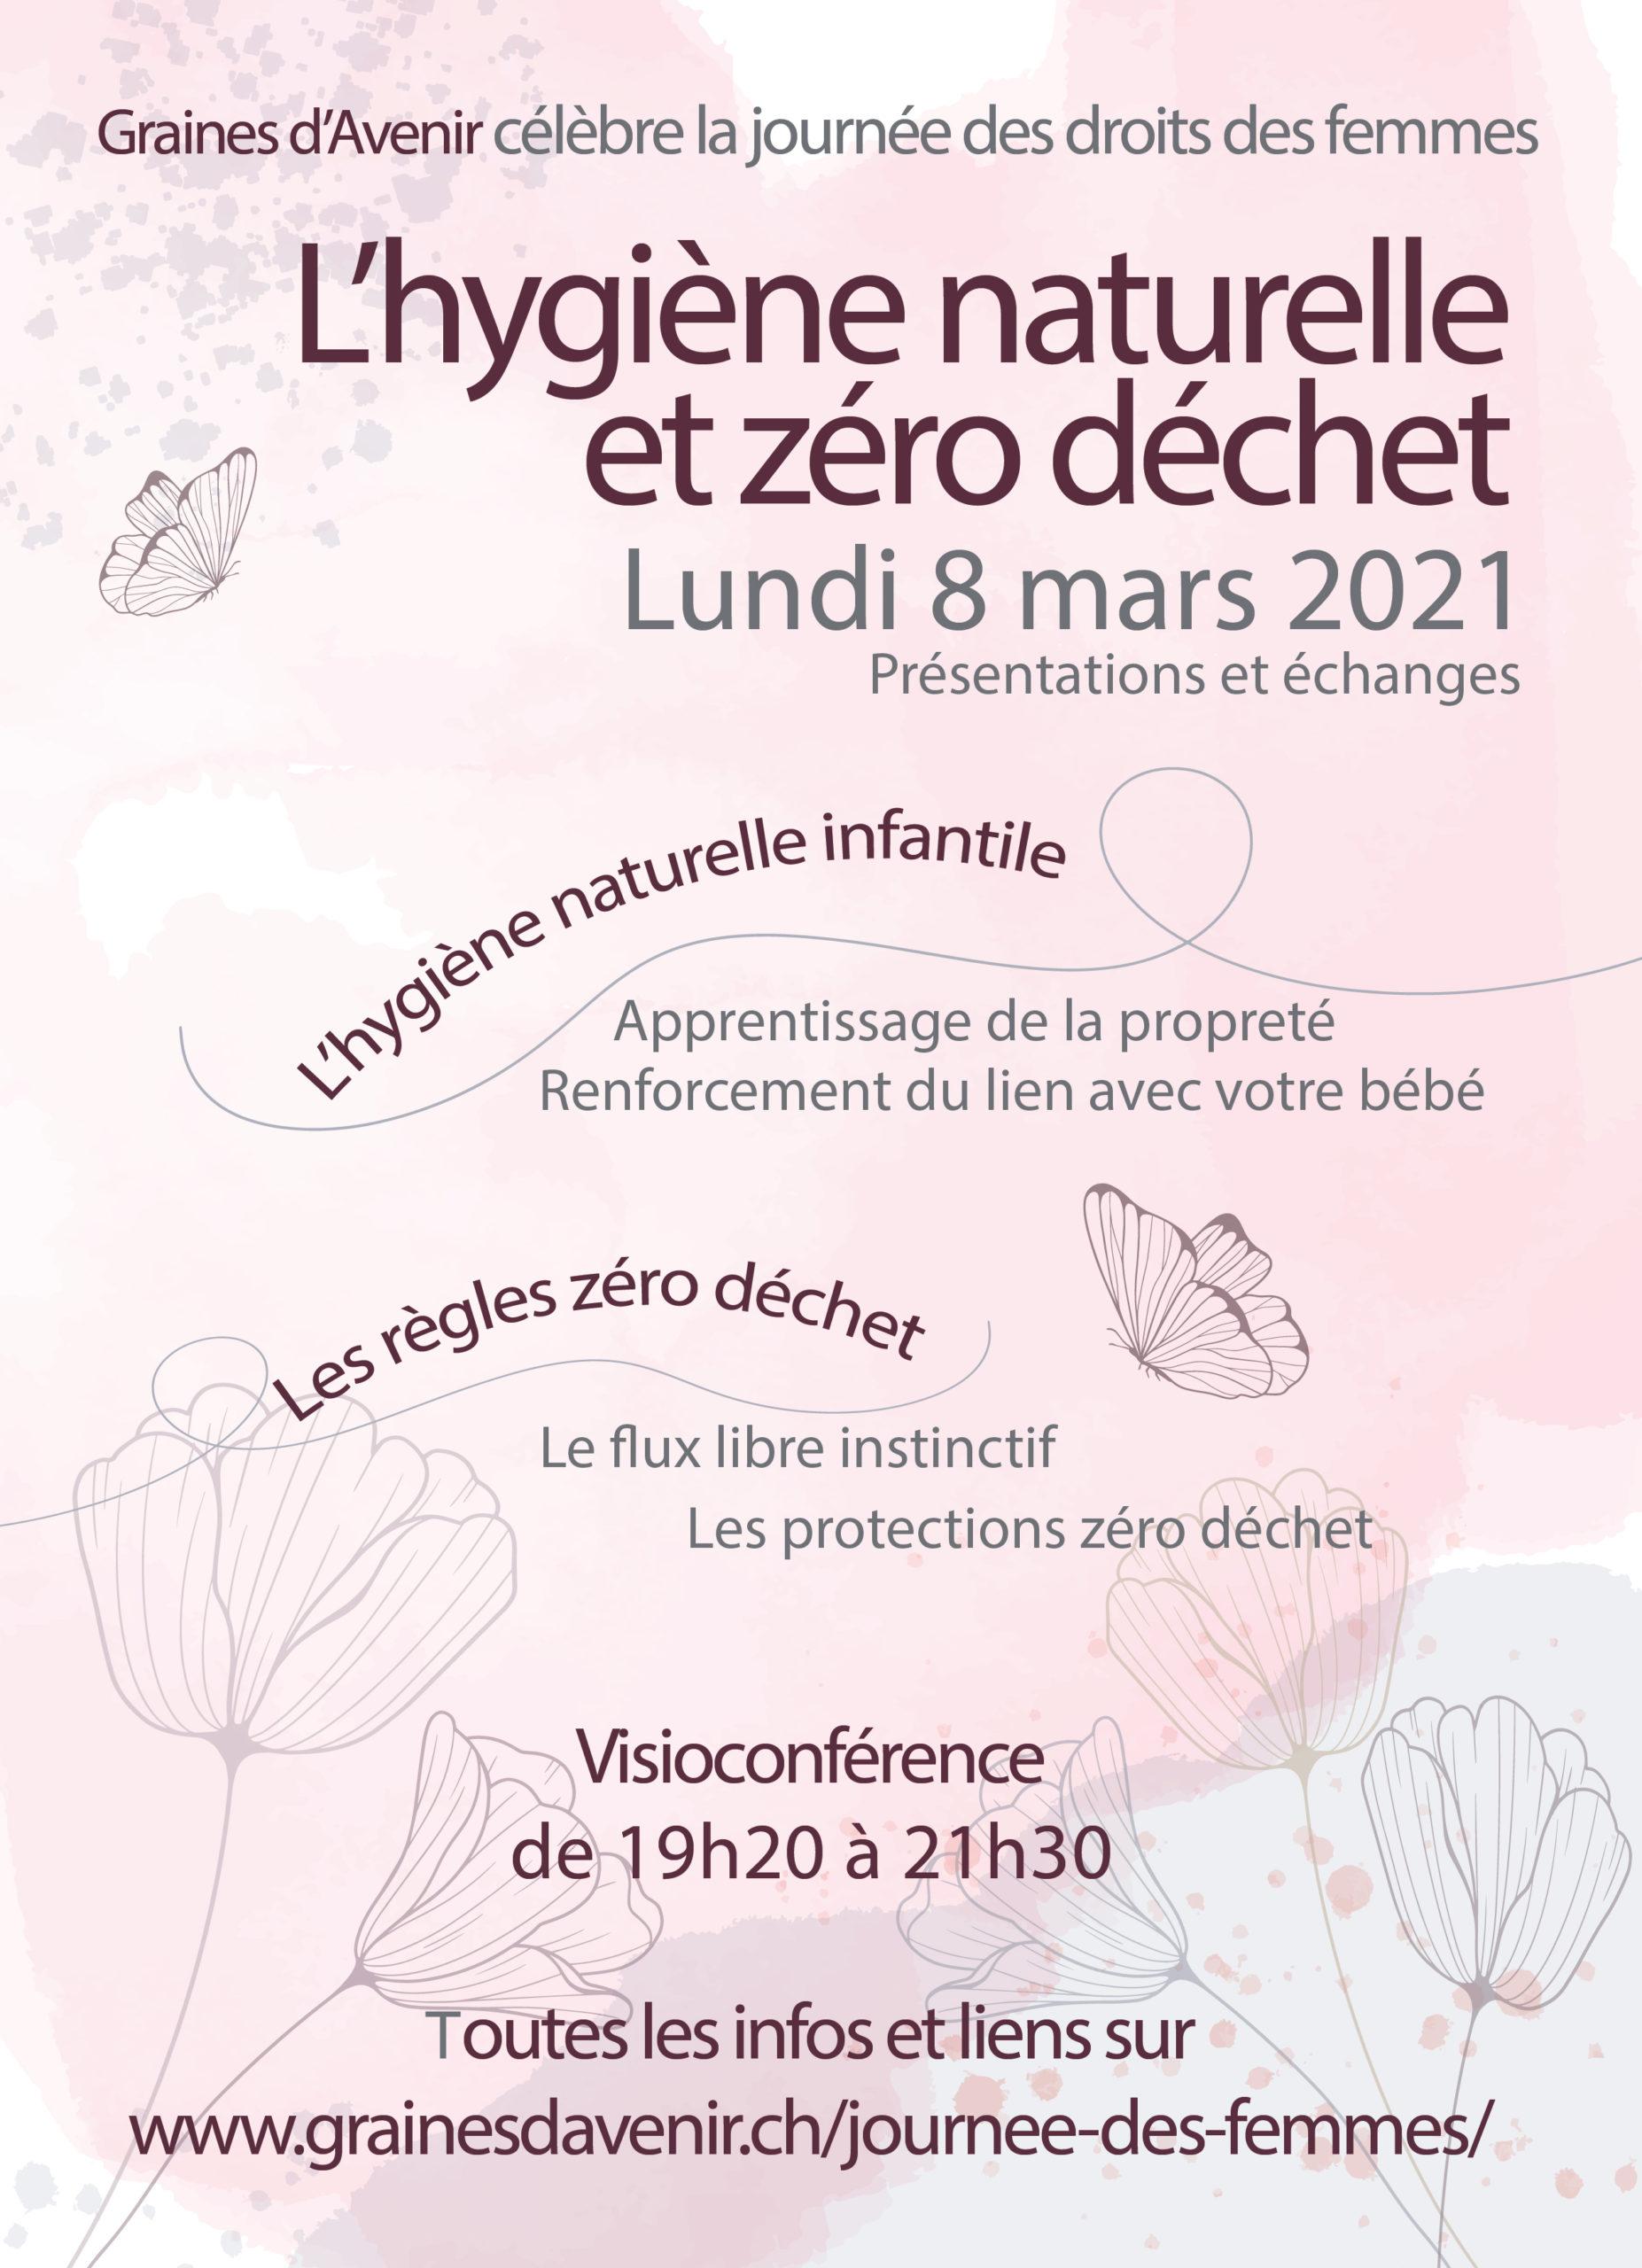 Affiche de la soirée des femmes du 8 mars 2021